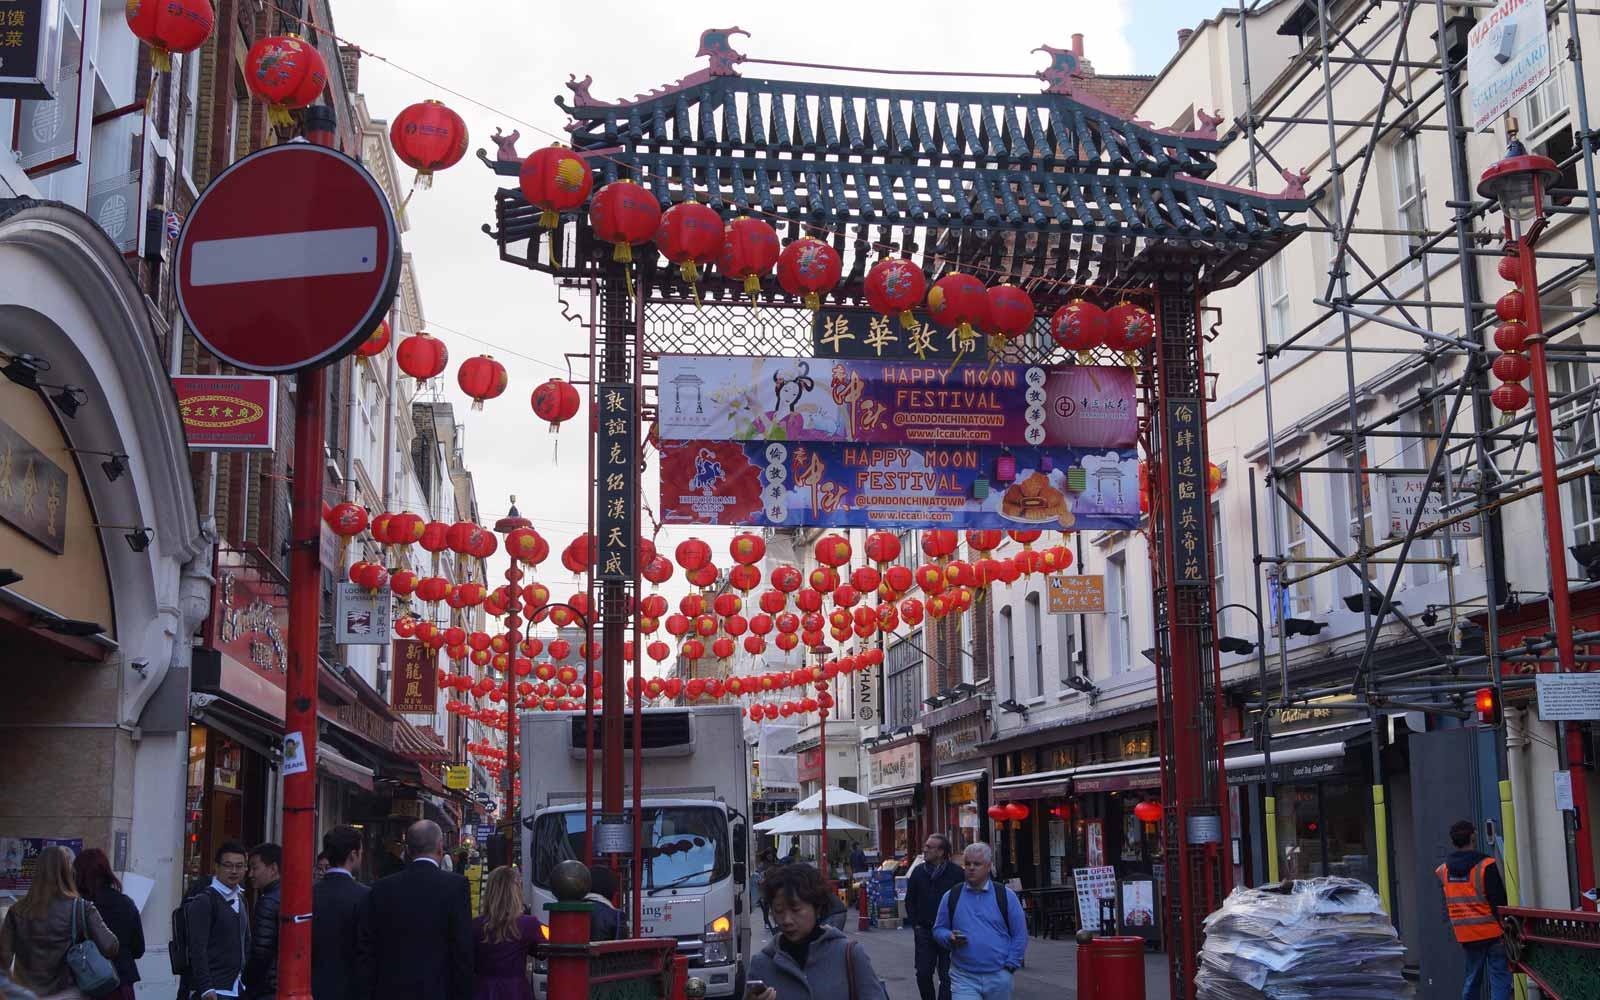 Chinatown in London geschmückt mit roten Lampions